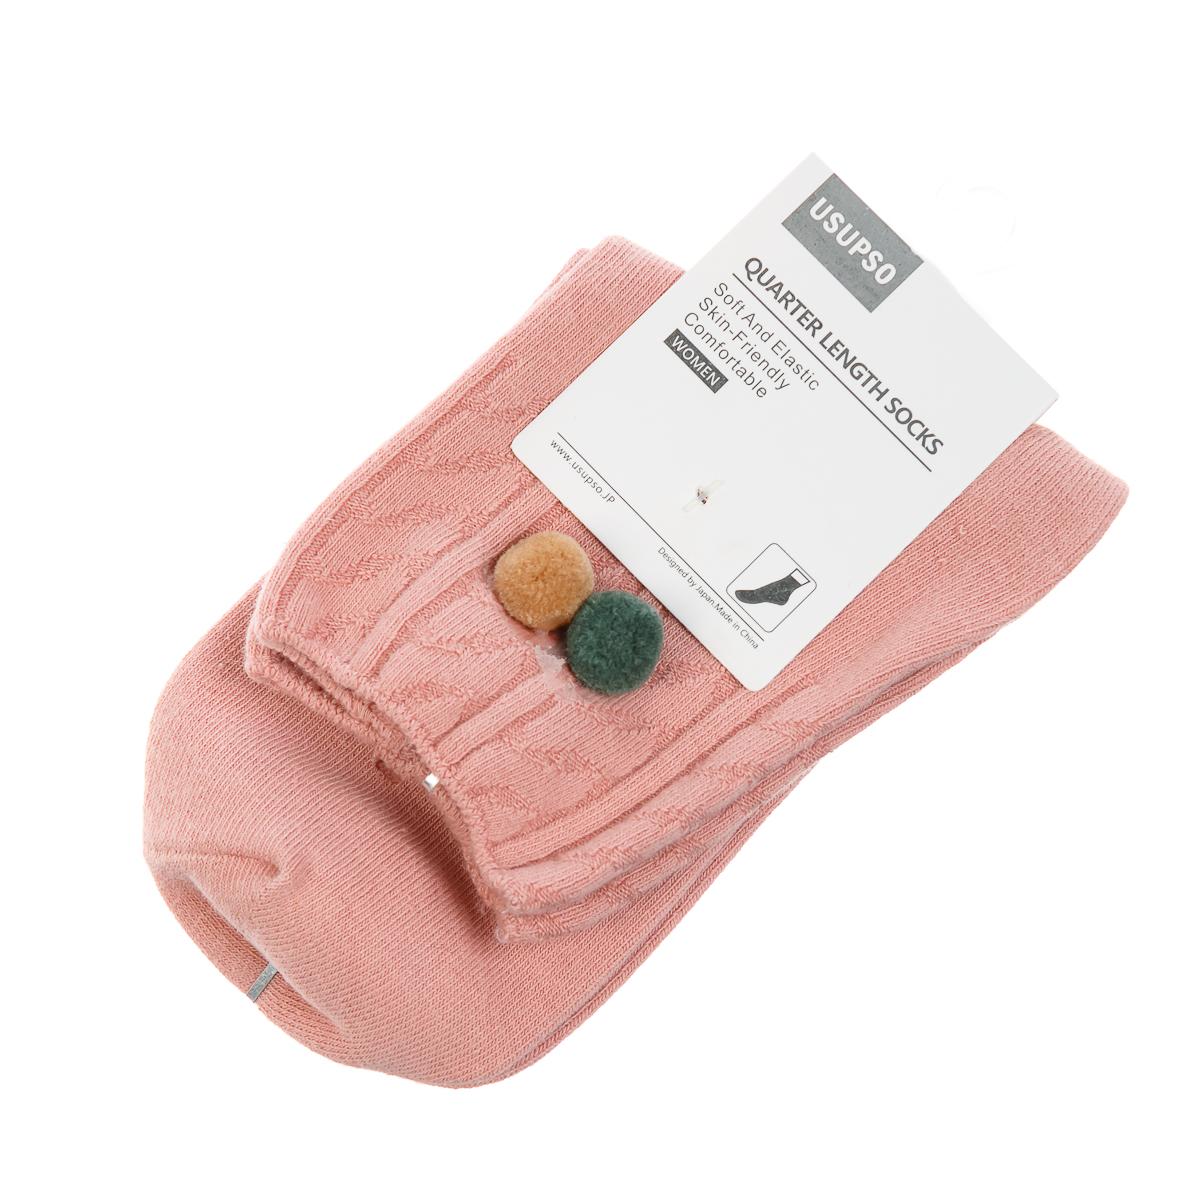 шкарпетки жіночі, середня довжина, з начосом арт.4806106813010